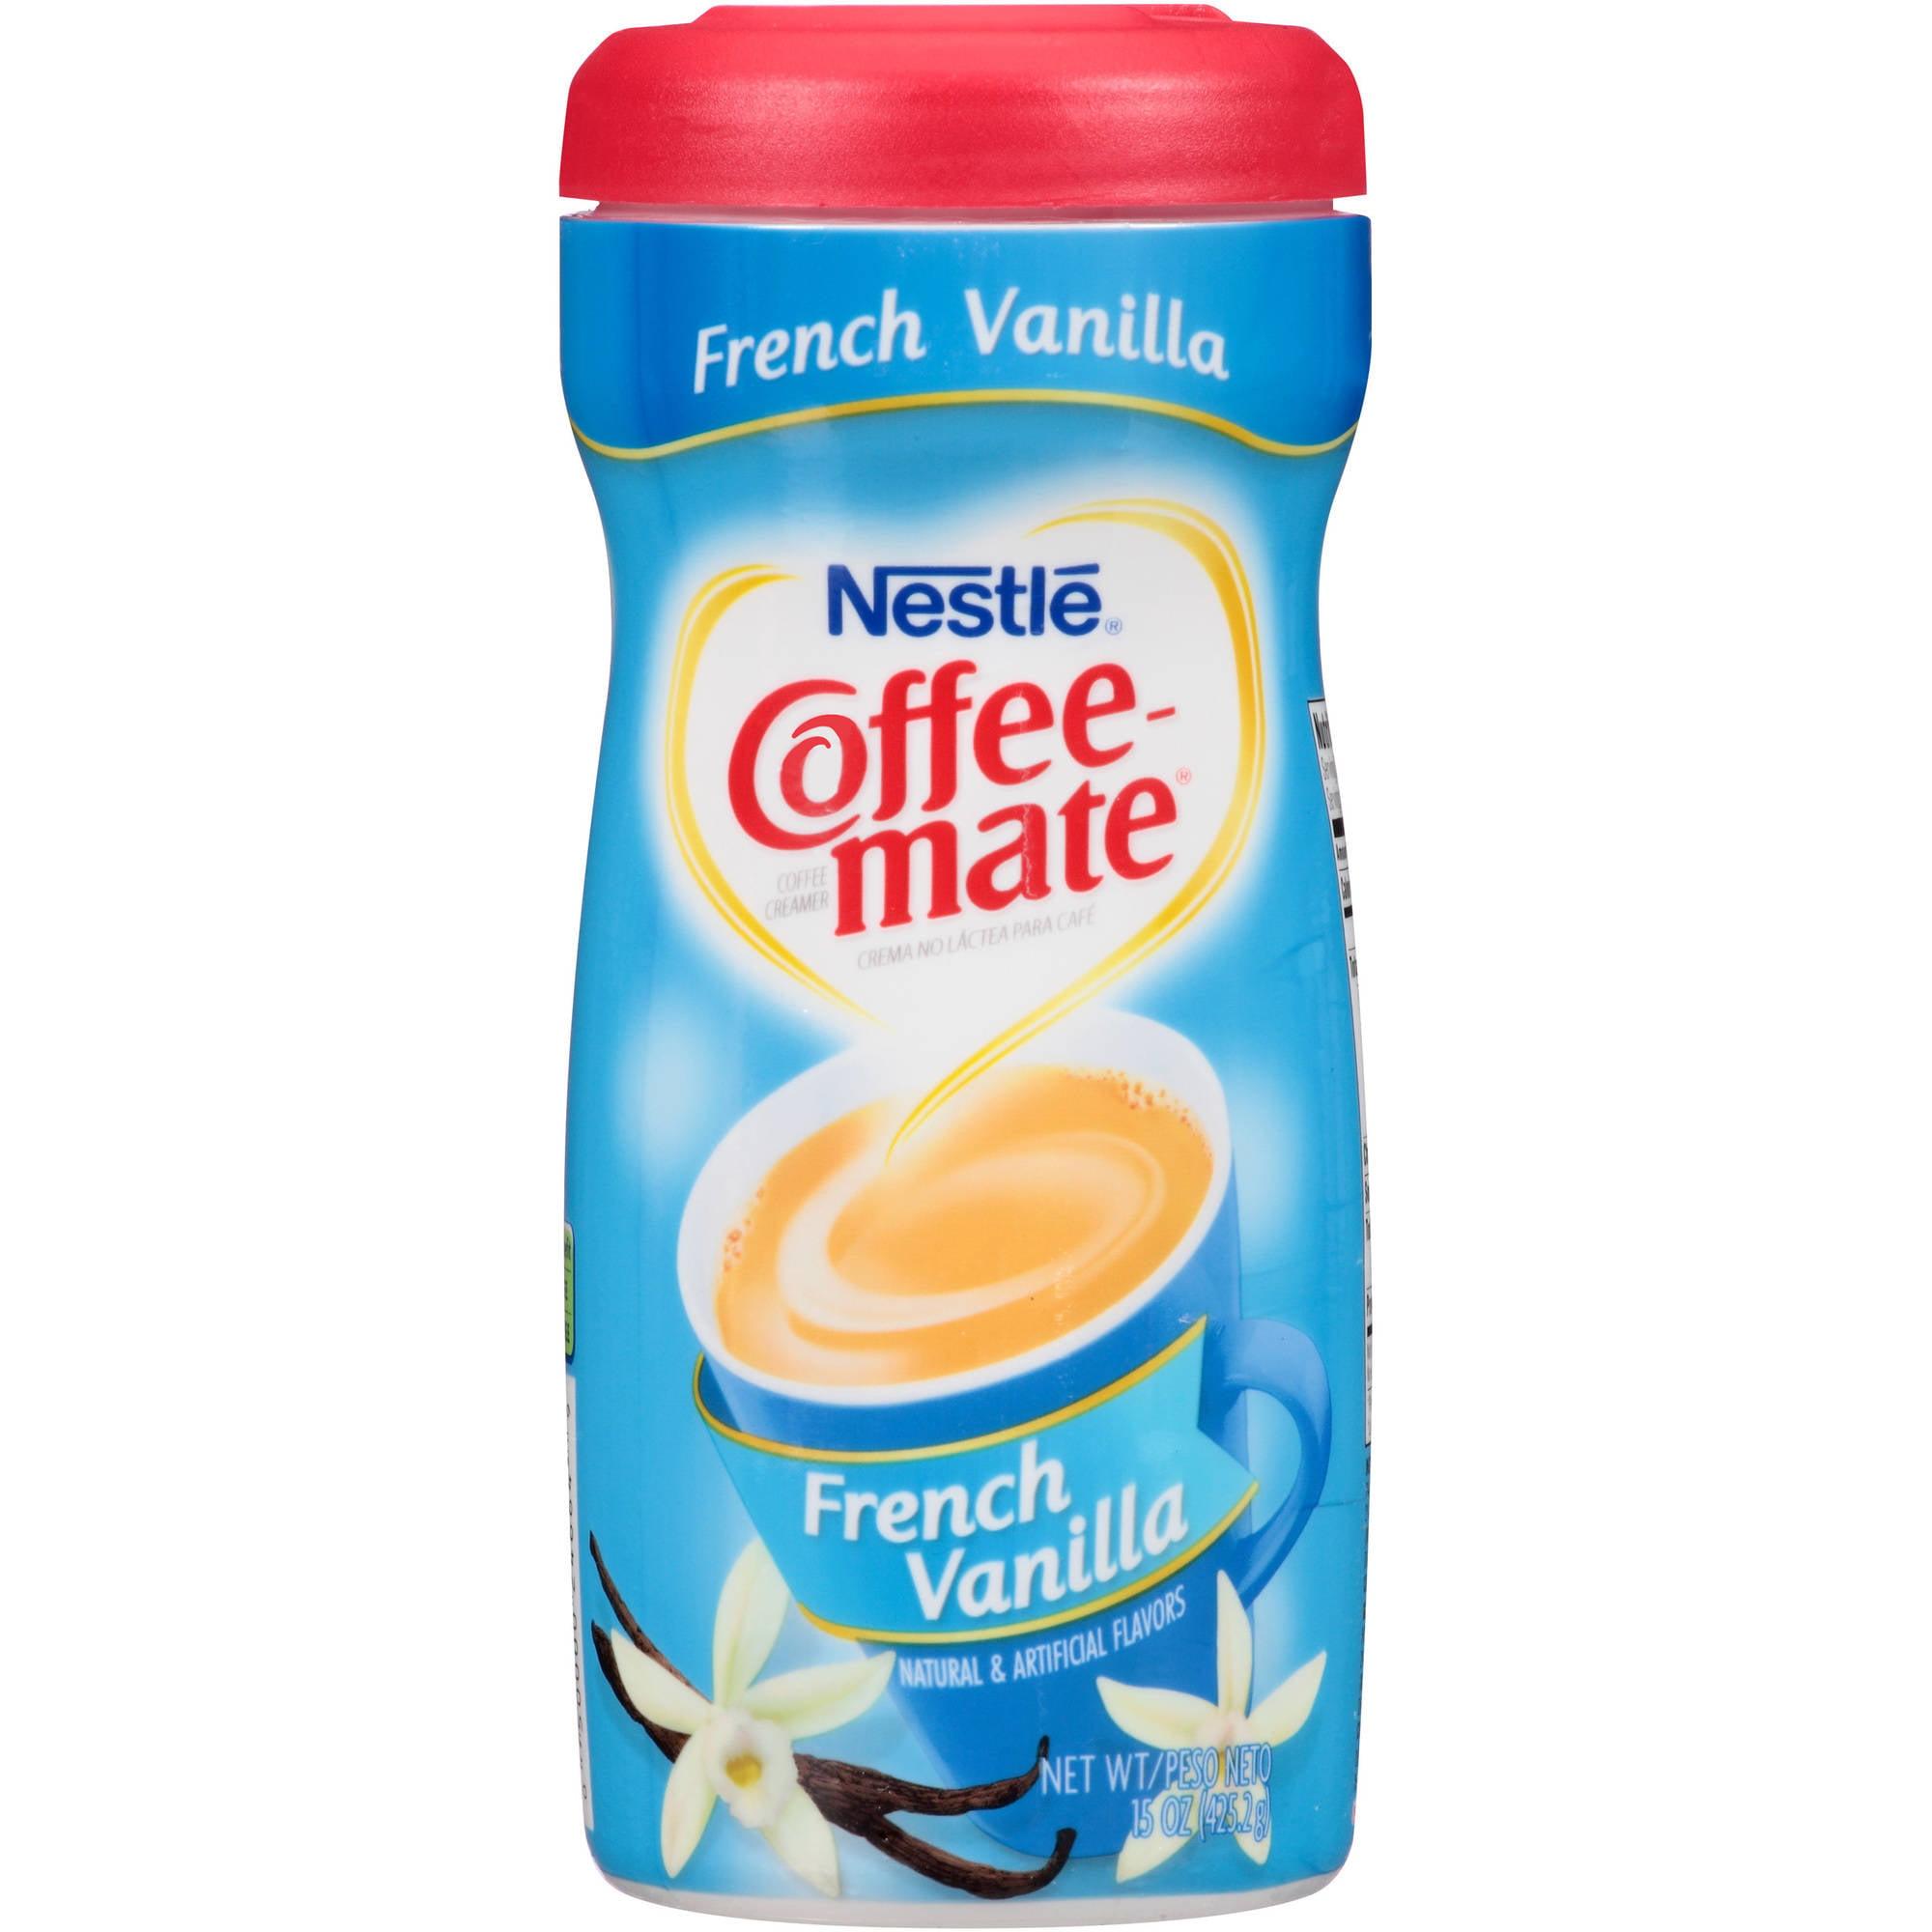 Nestlé Coffee-mate French Vanilla Coffee Creamer 15 oz. Plastic Container